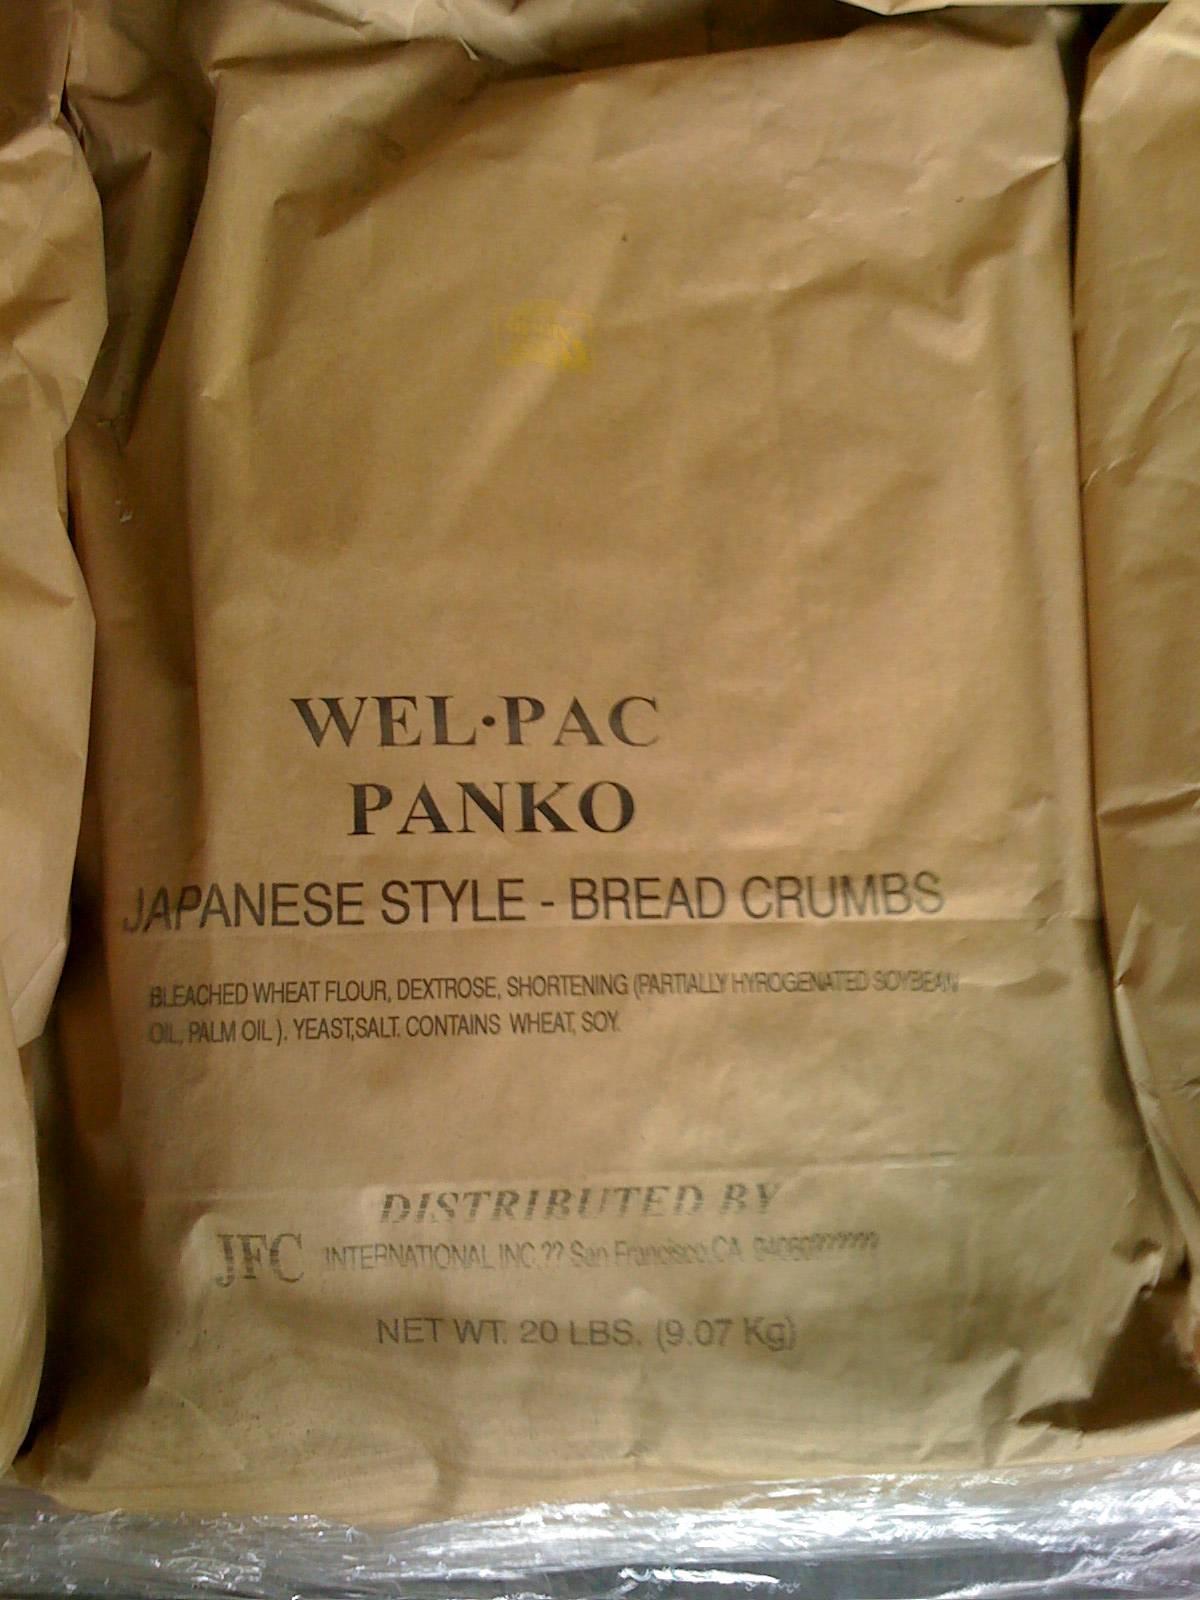 PAN KO